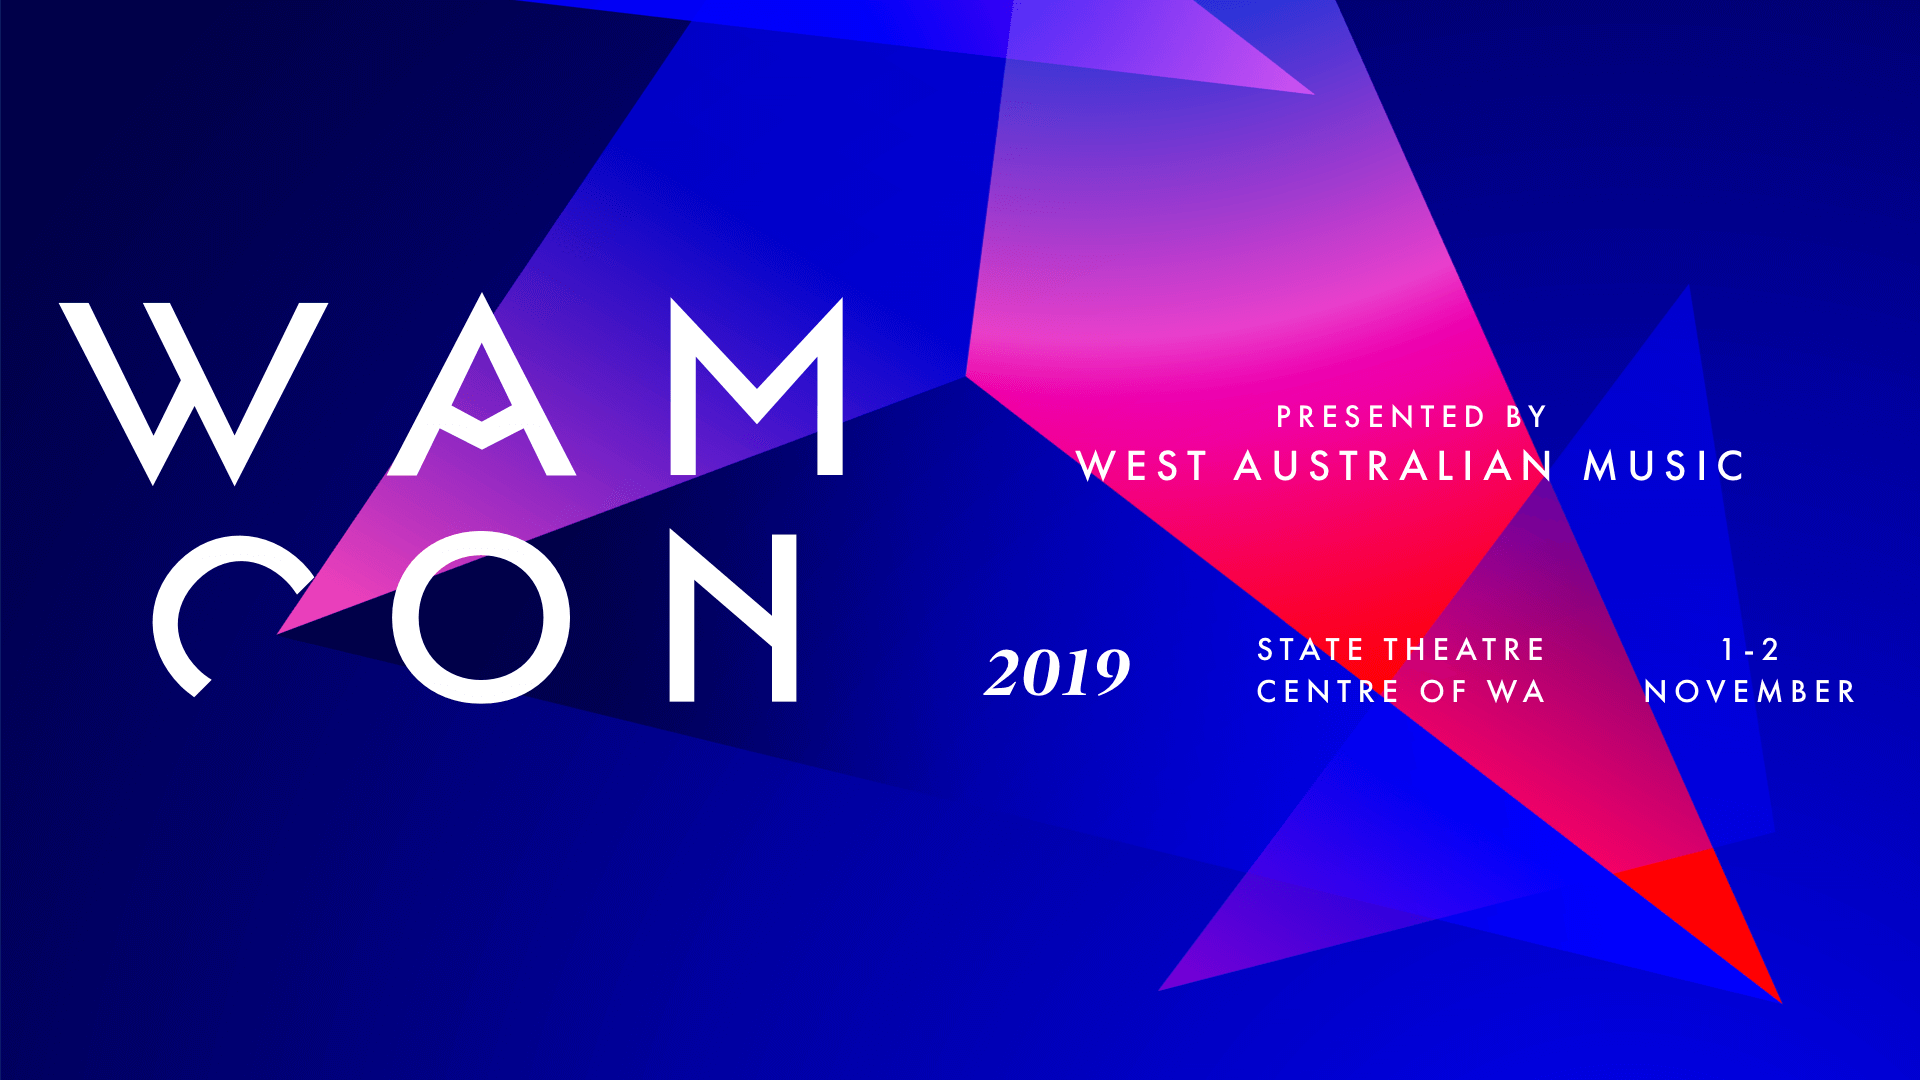 WAM CON logo